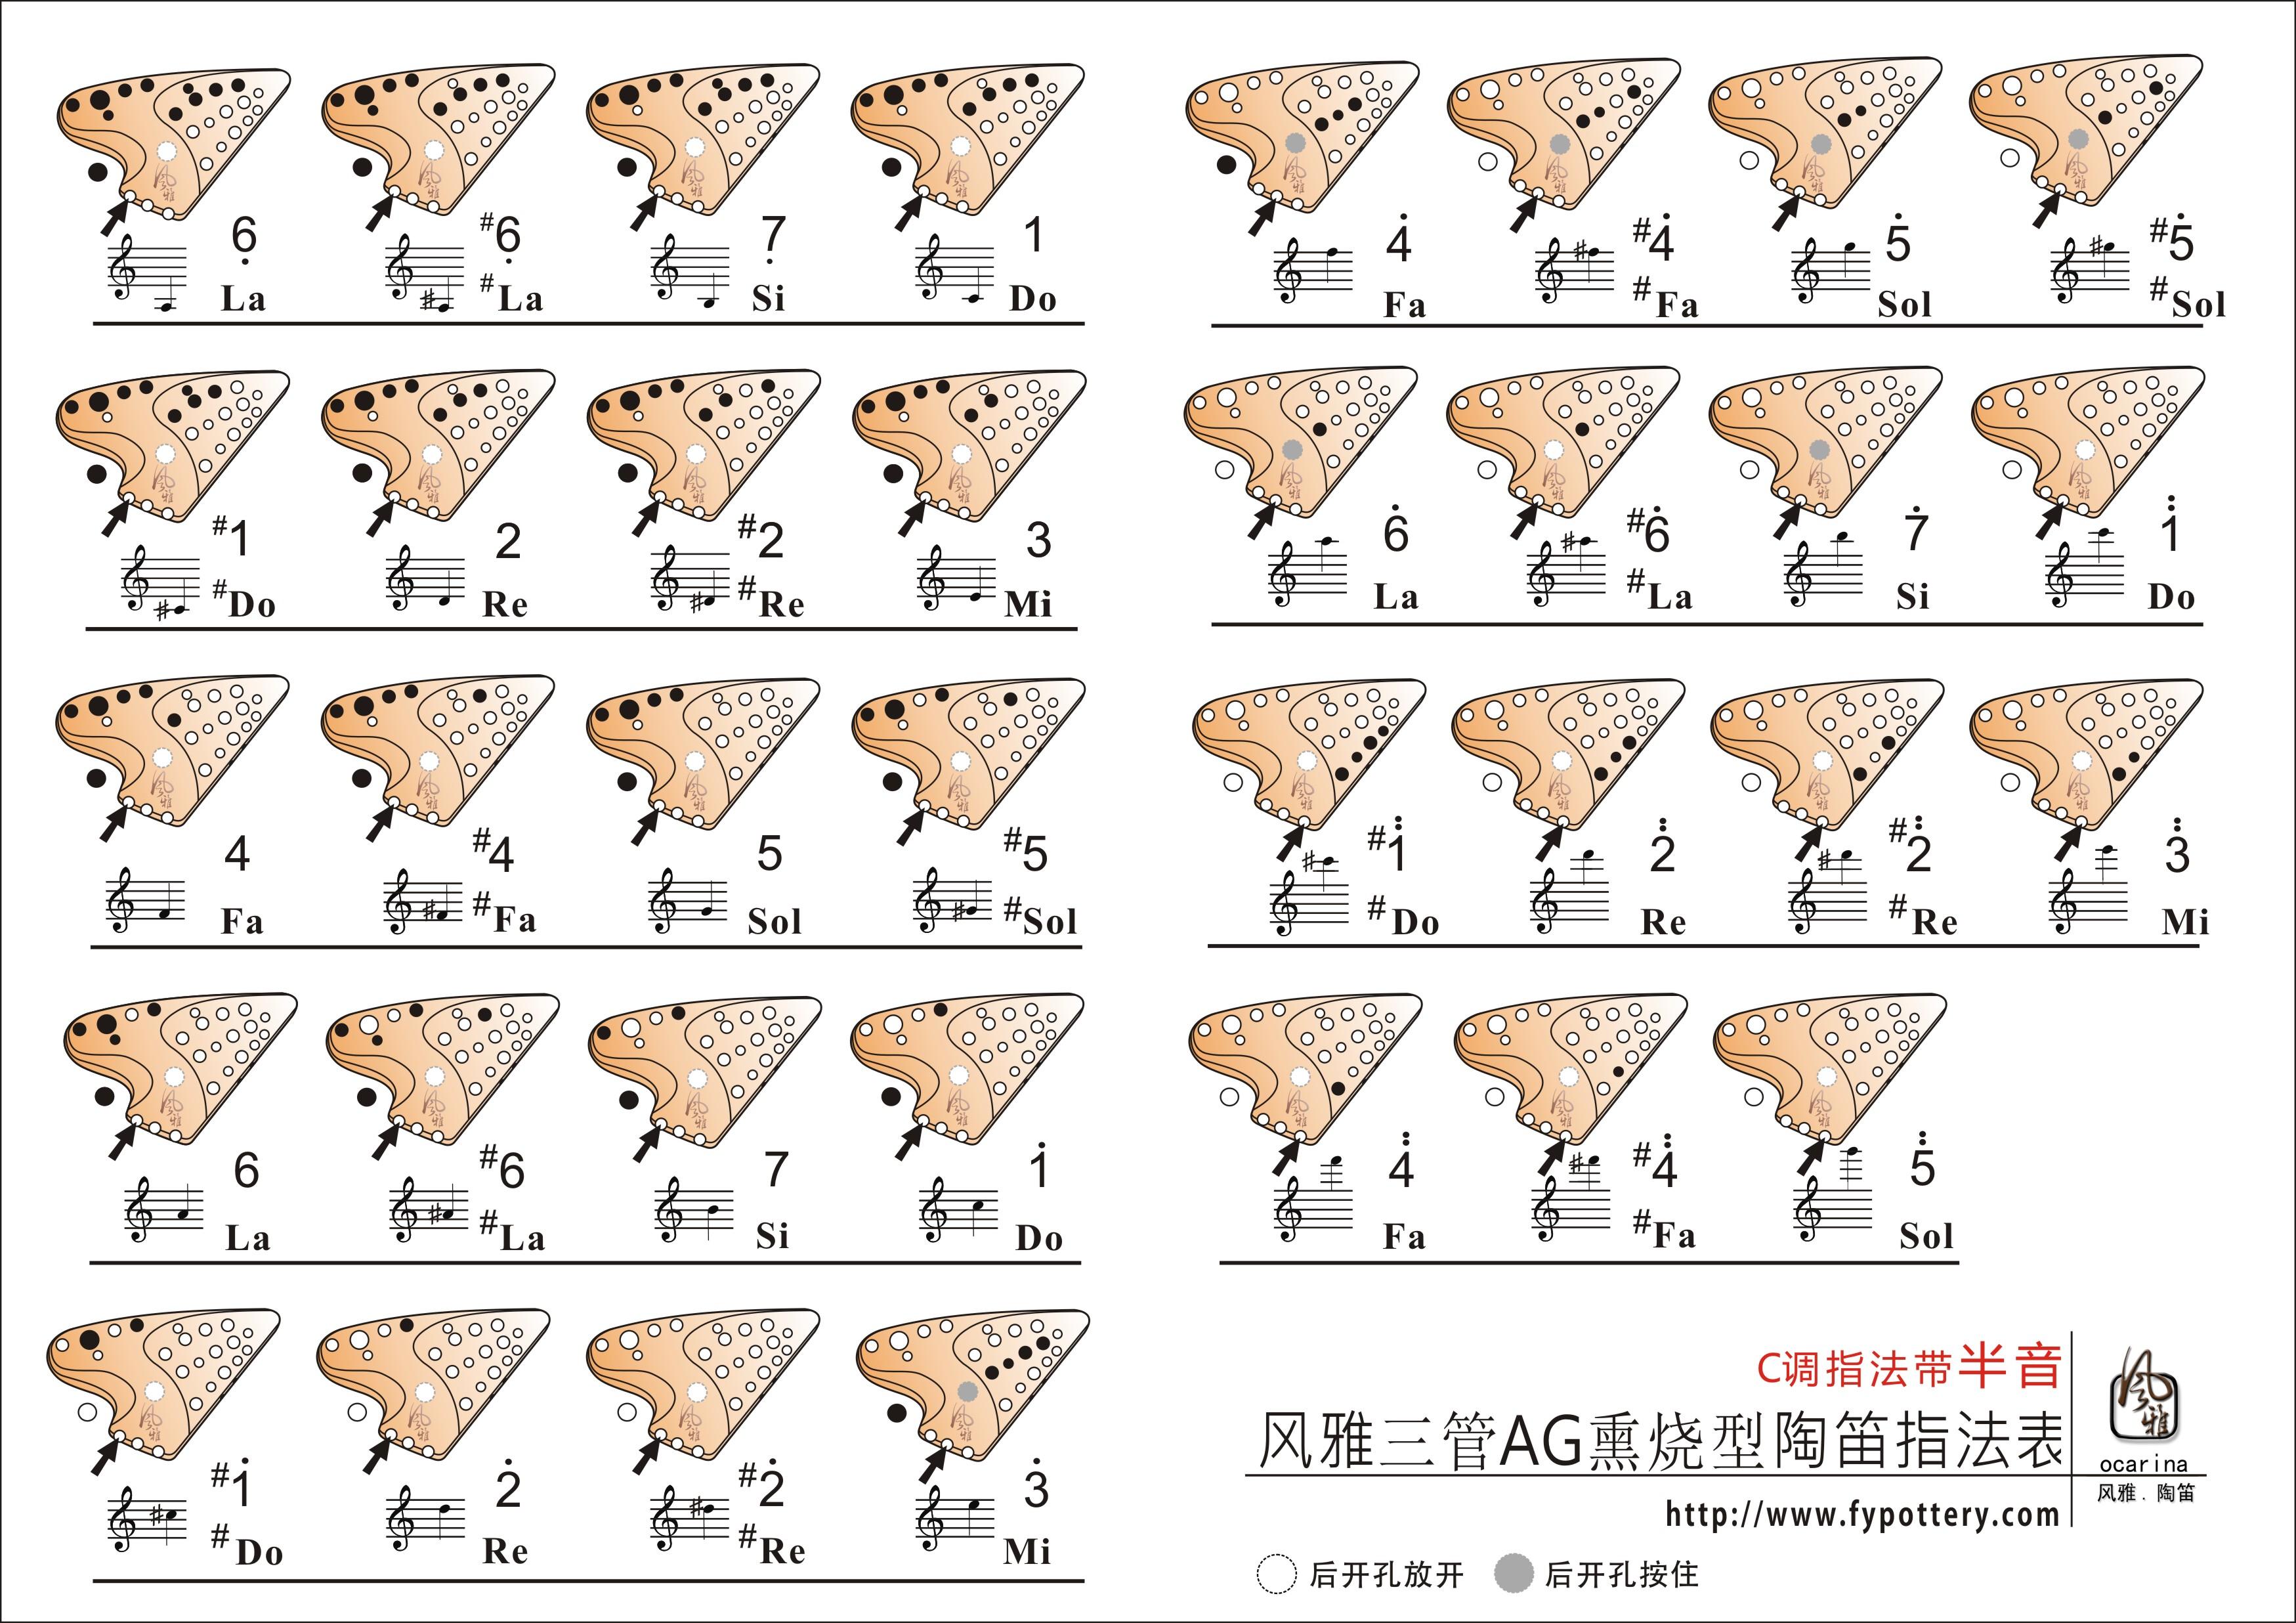 【圖源網絡】風雅熏燒ag3陶笛c調指法表圖片